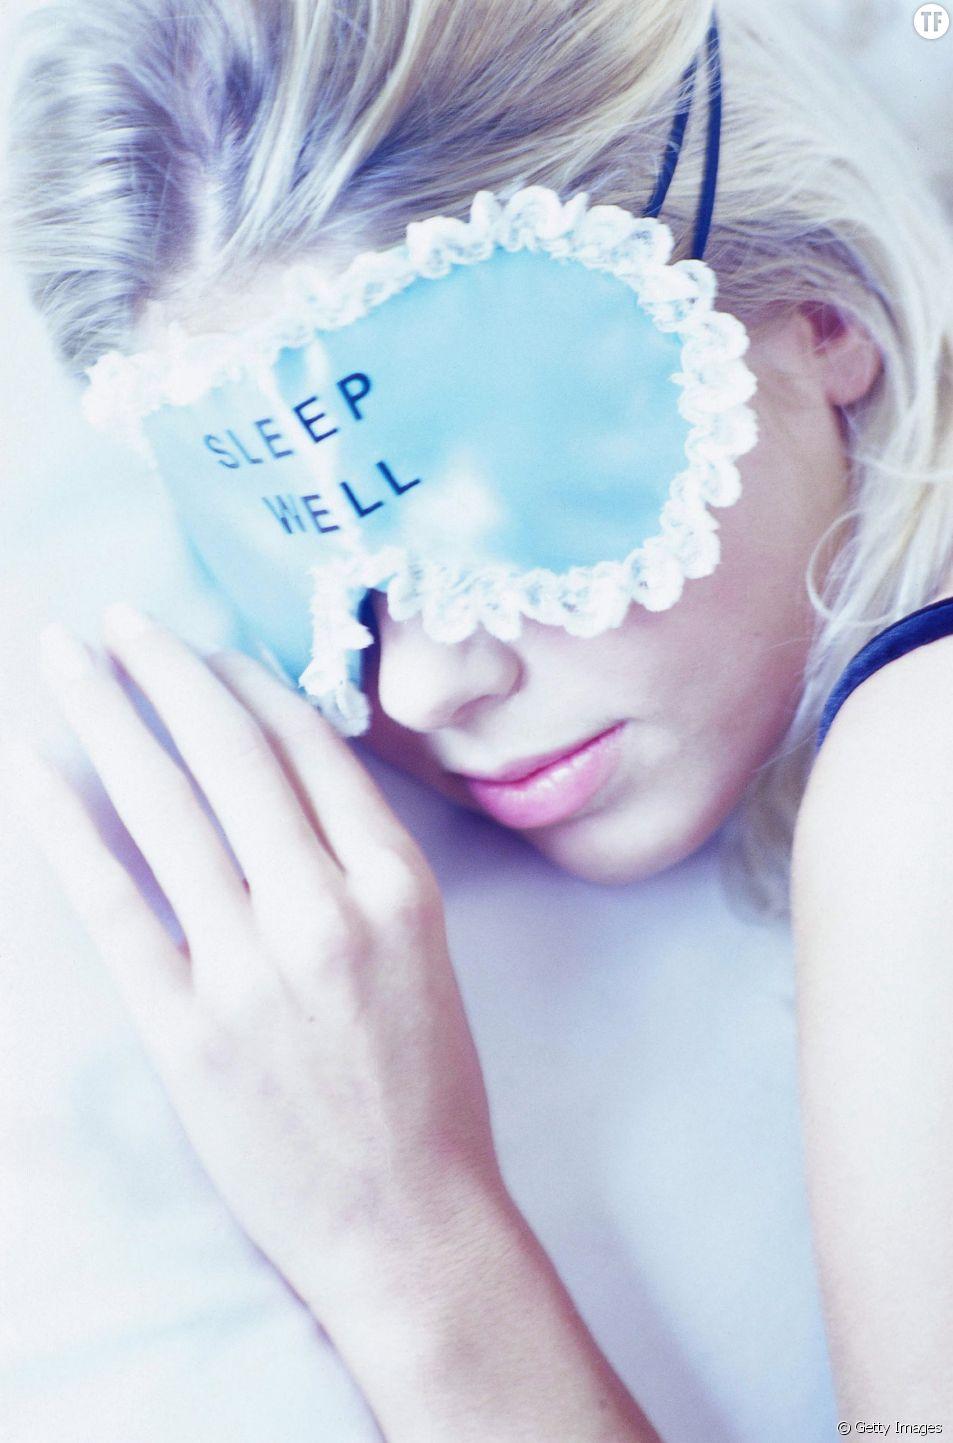 Je parle pendant mon sommeil : ça veut dire quoi ?